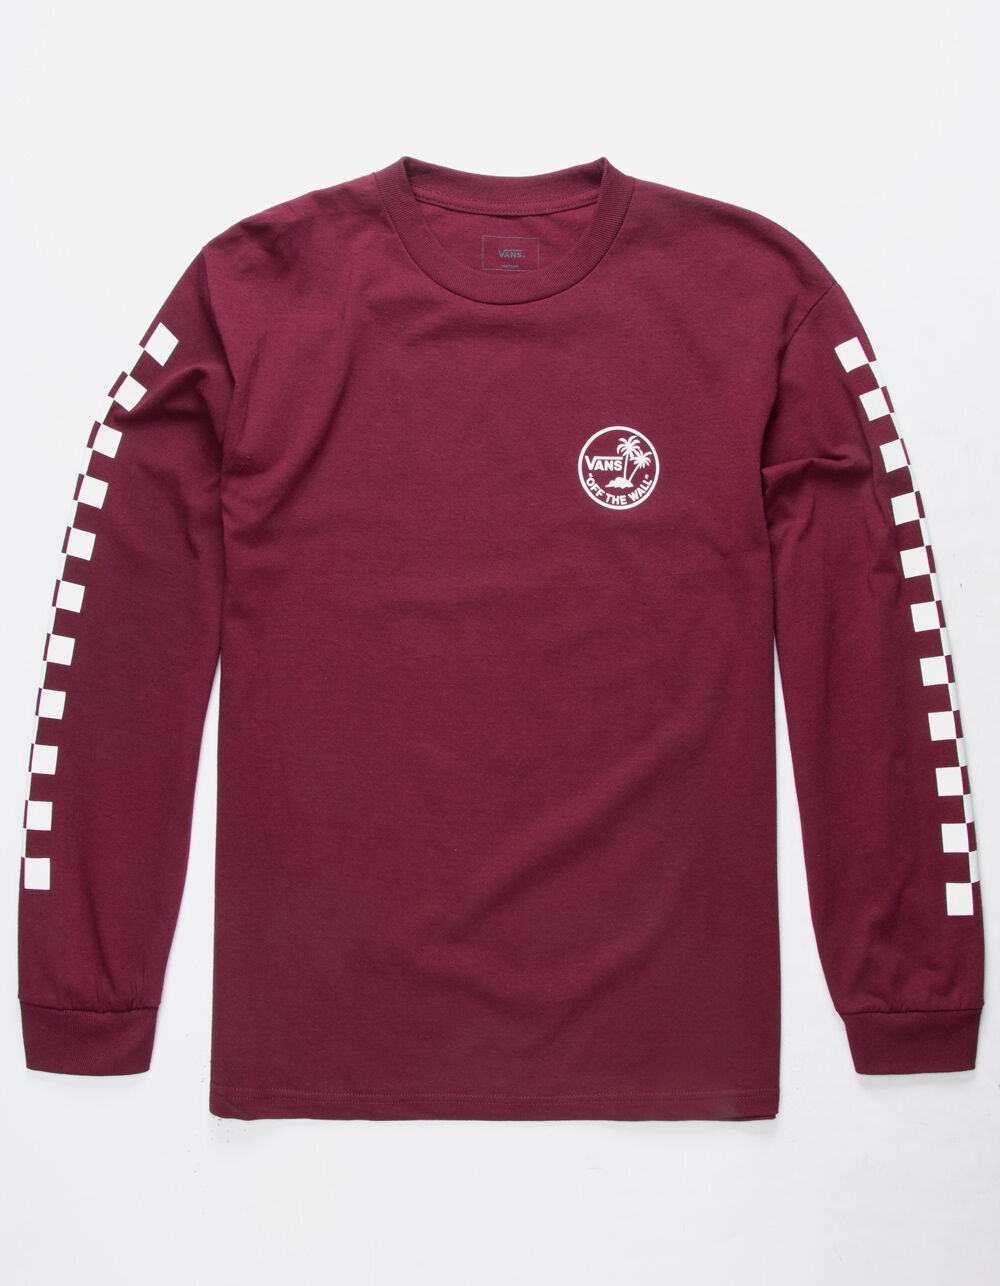 VANS Dual Palm Check Burgundy T-Shirt